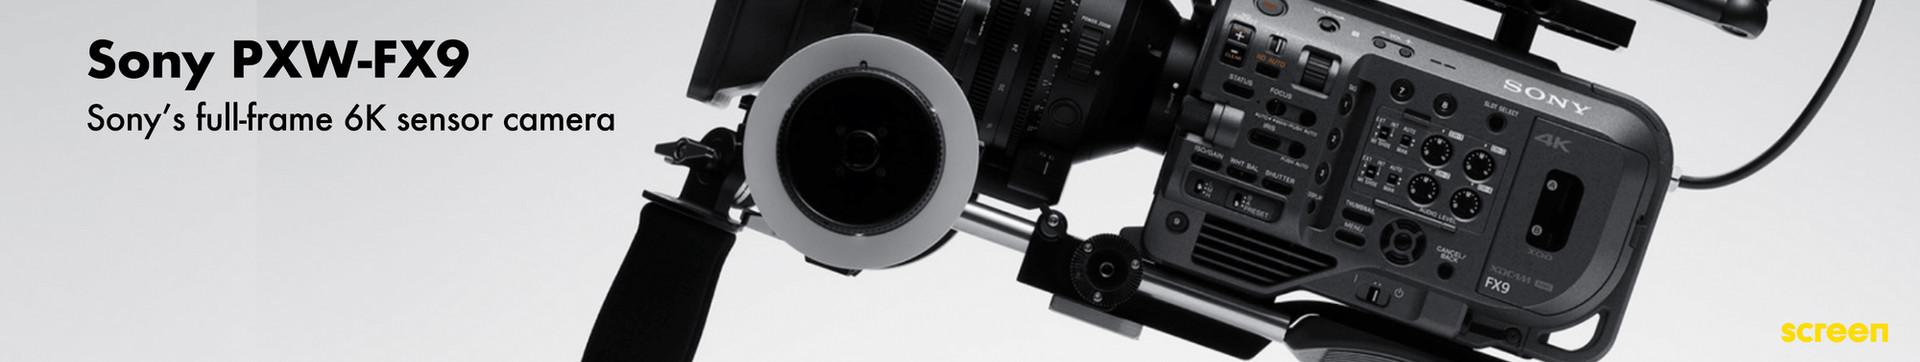 FX9.jpg